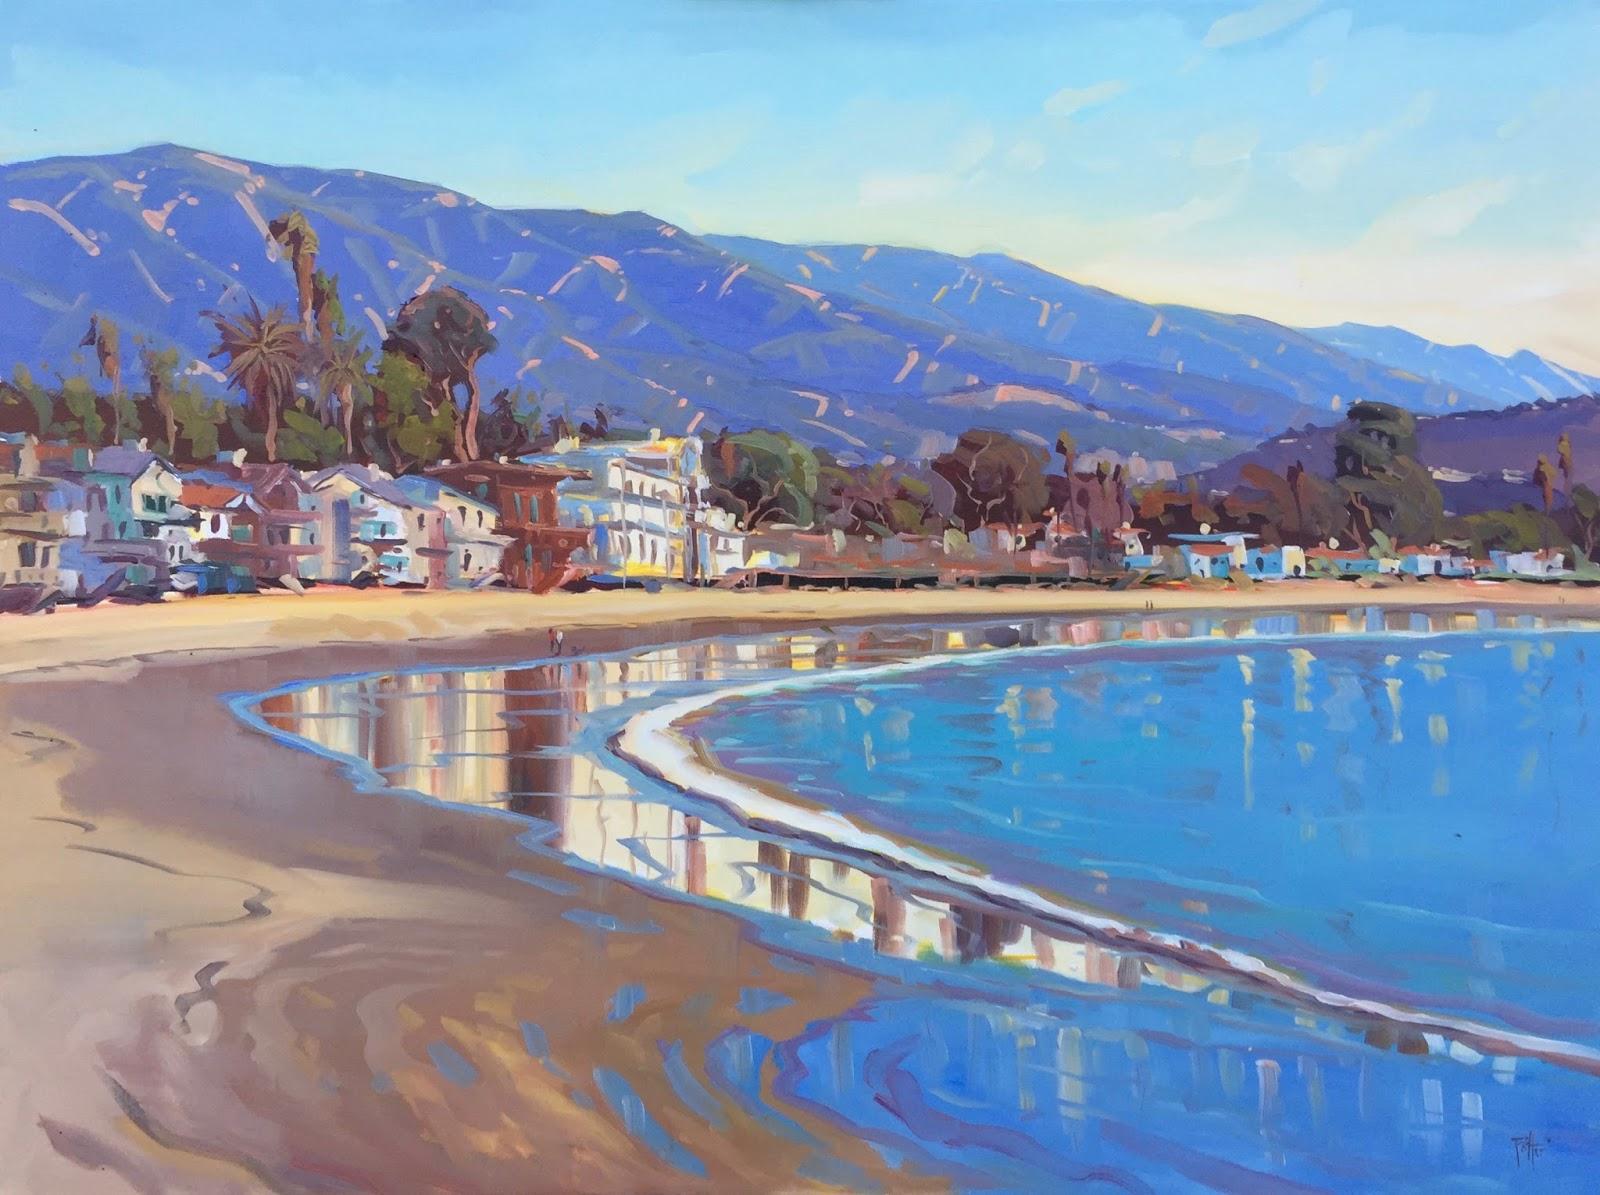 Winter Solstice At Miramar Beach Montecito California